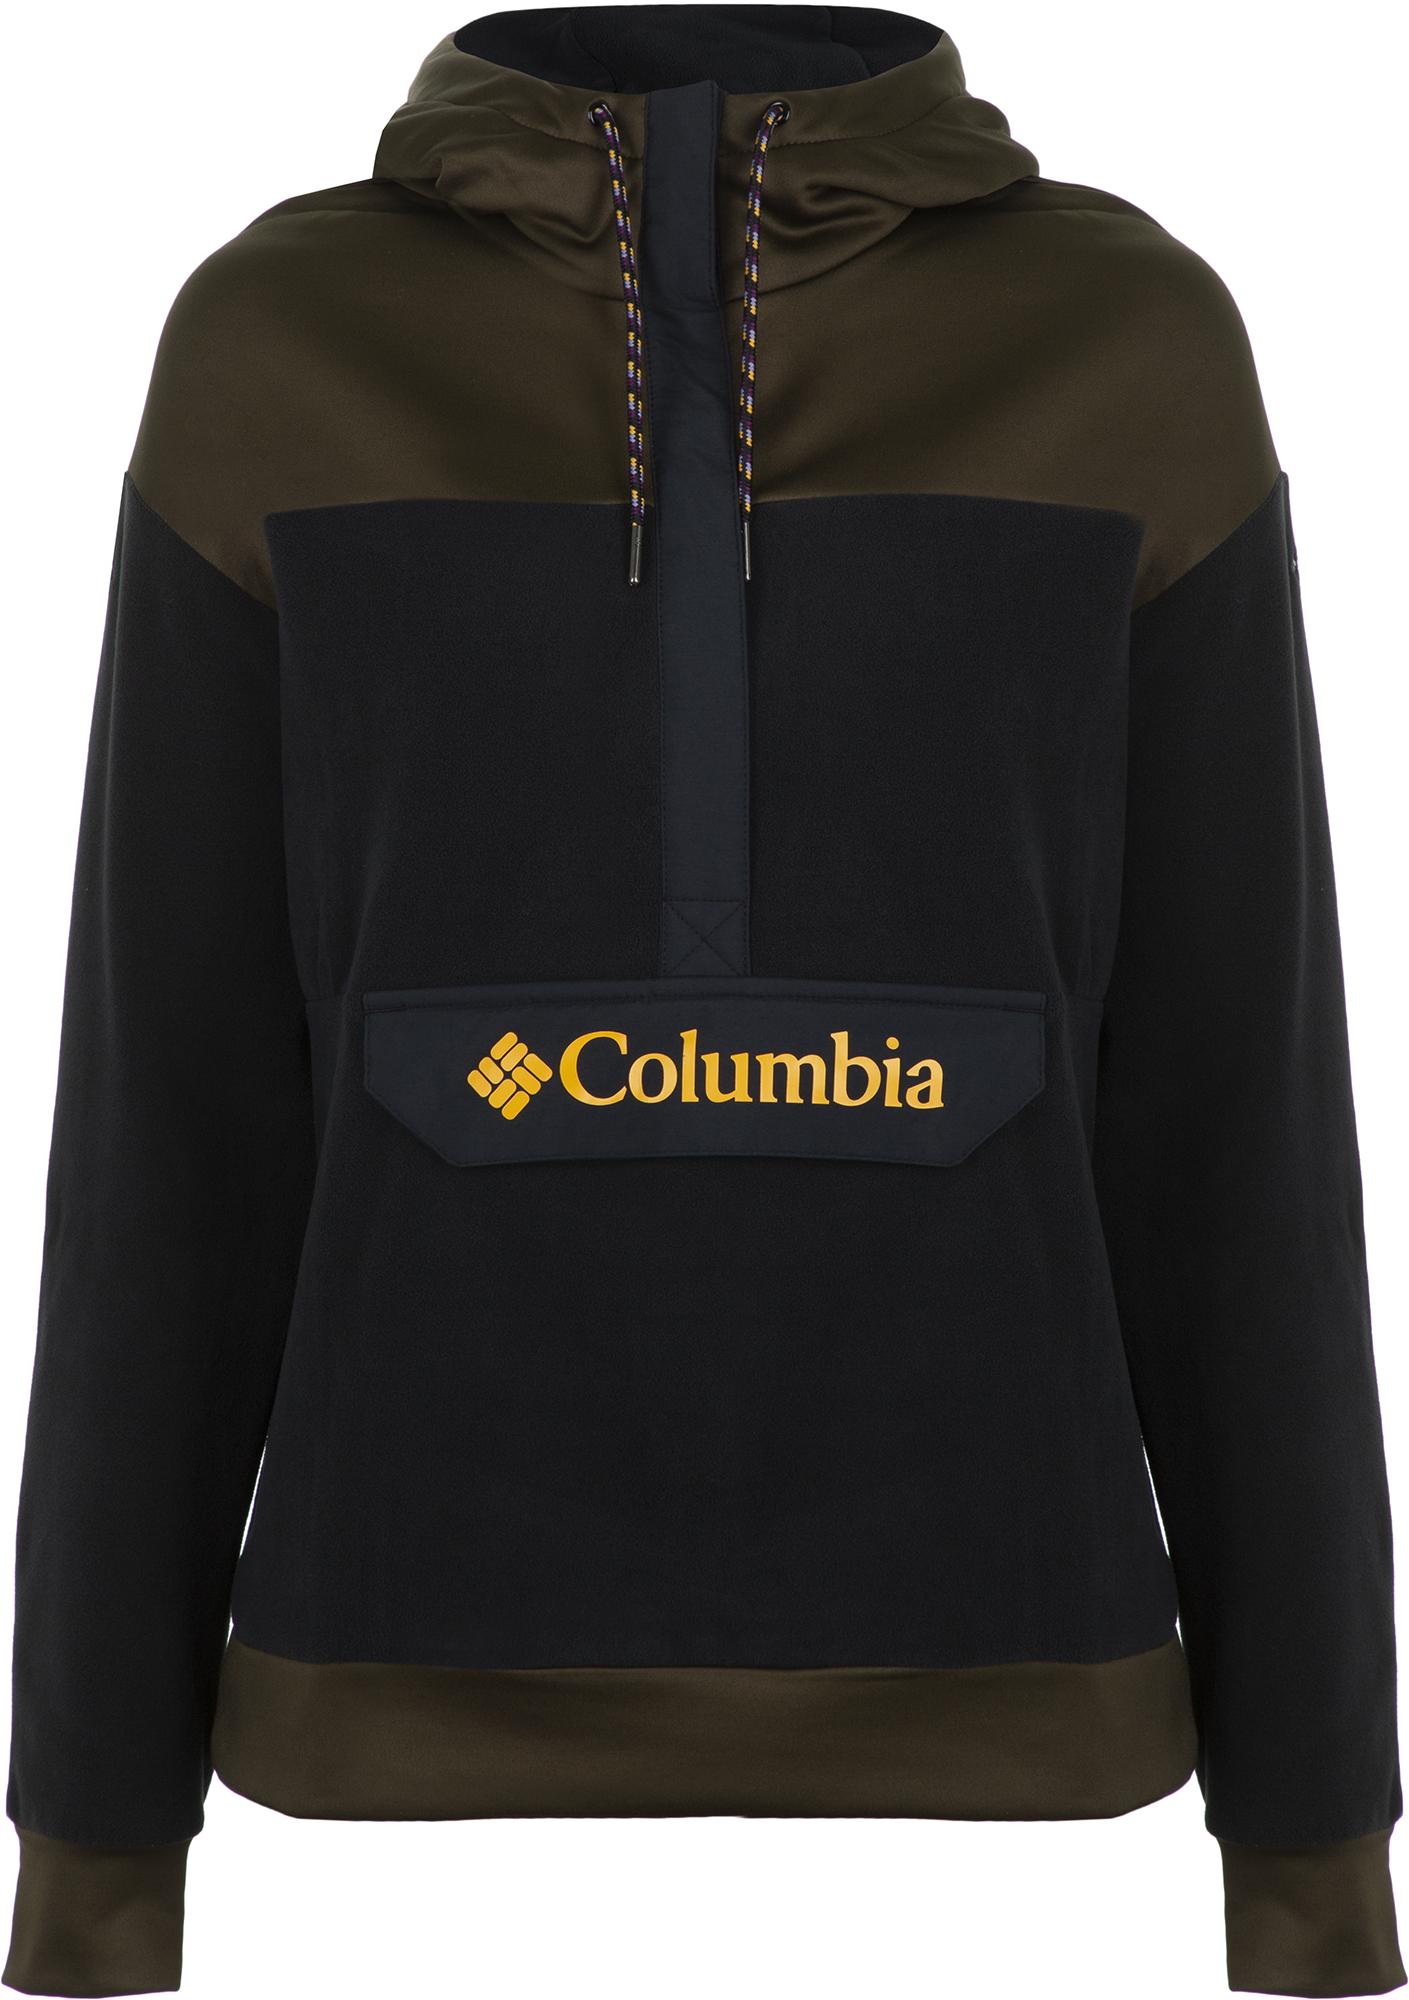 Columbia Джемпер флисовый женский Exploration, размер 50